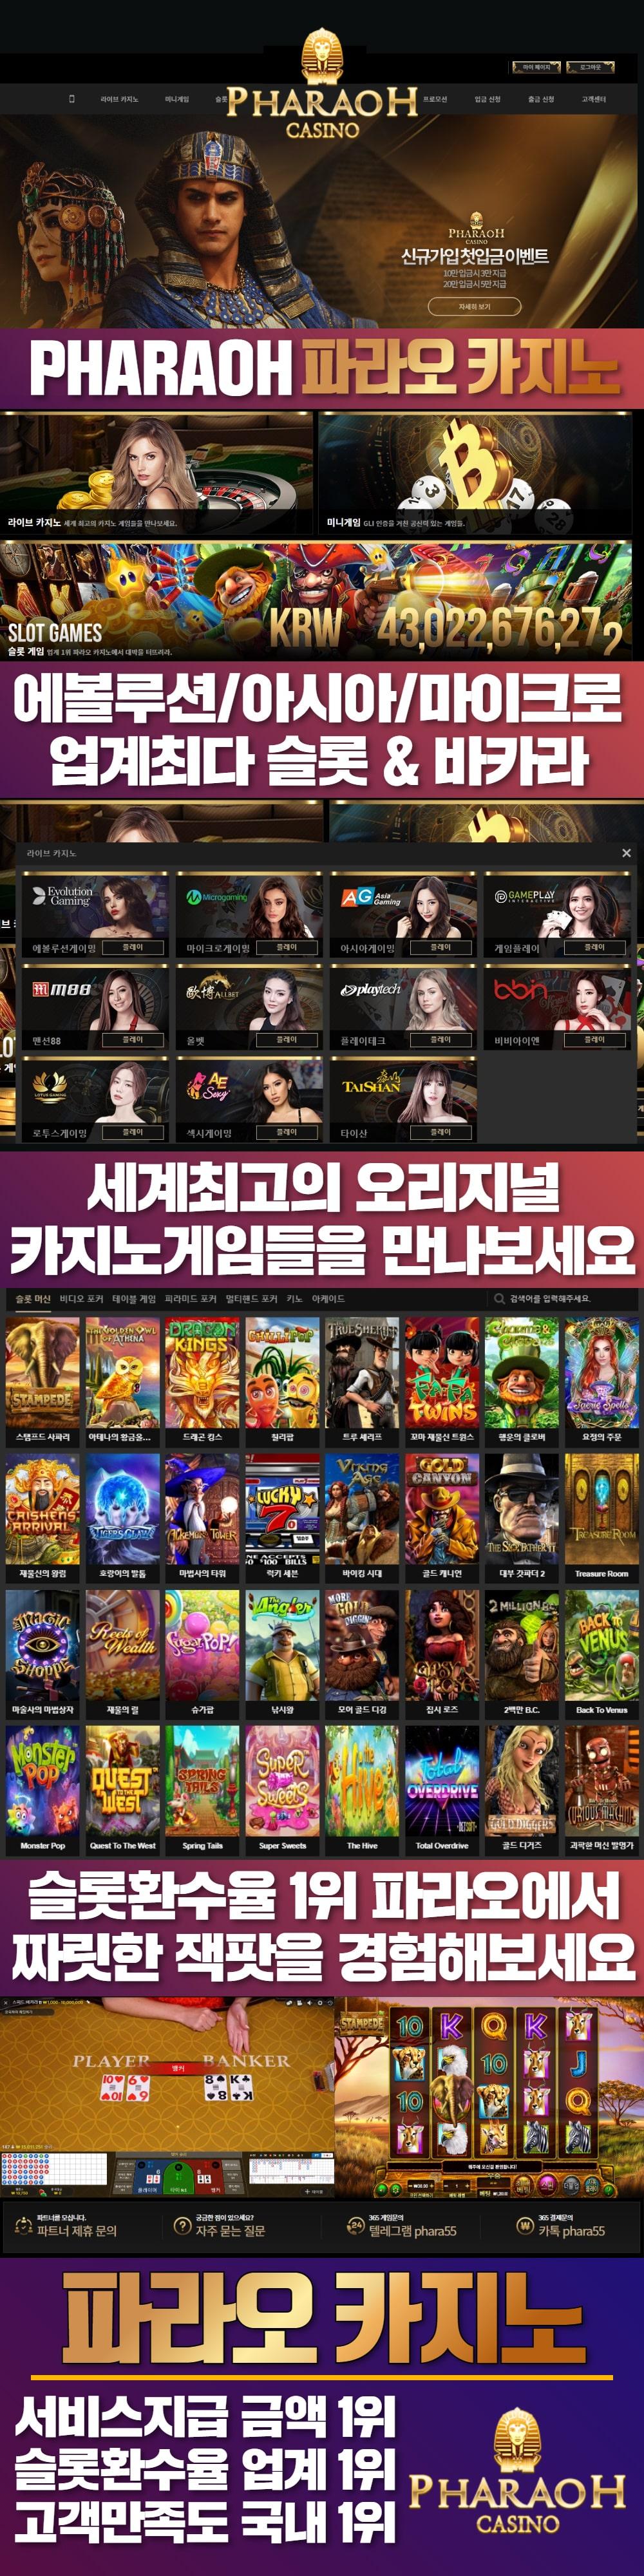 파라오카지노-에볼루션/아시아/마이크로 업계최다 슬롯 & 바카라